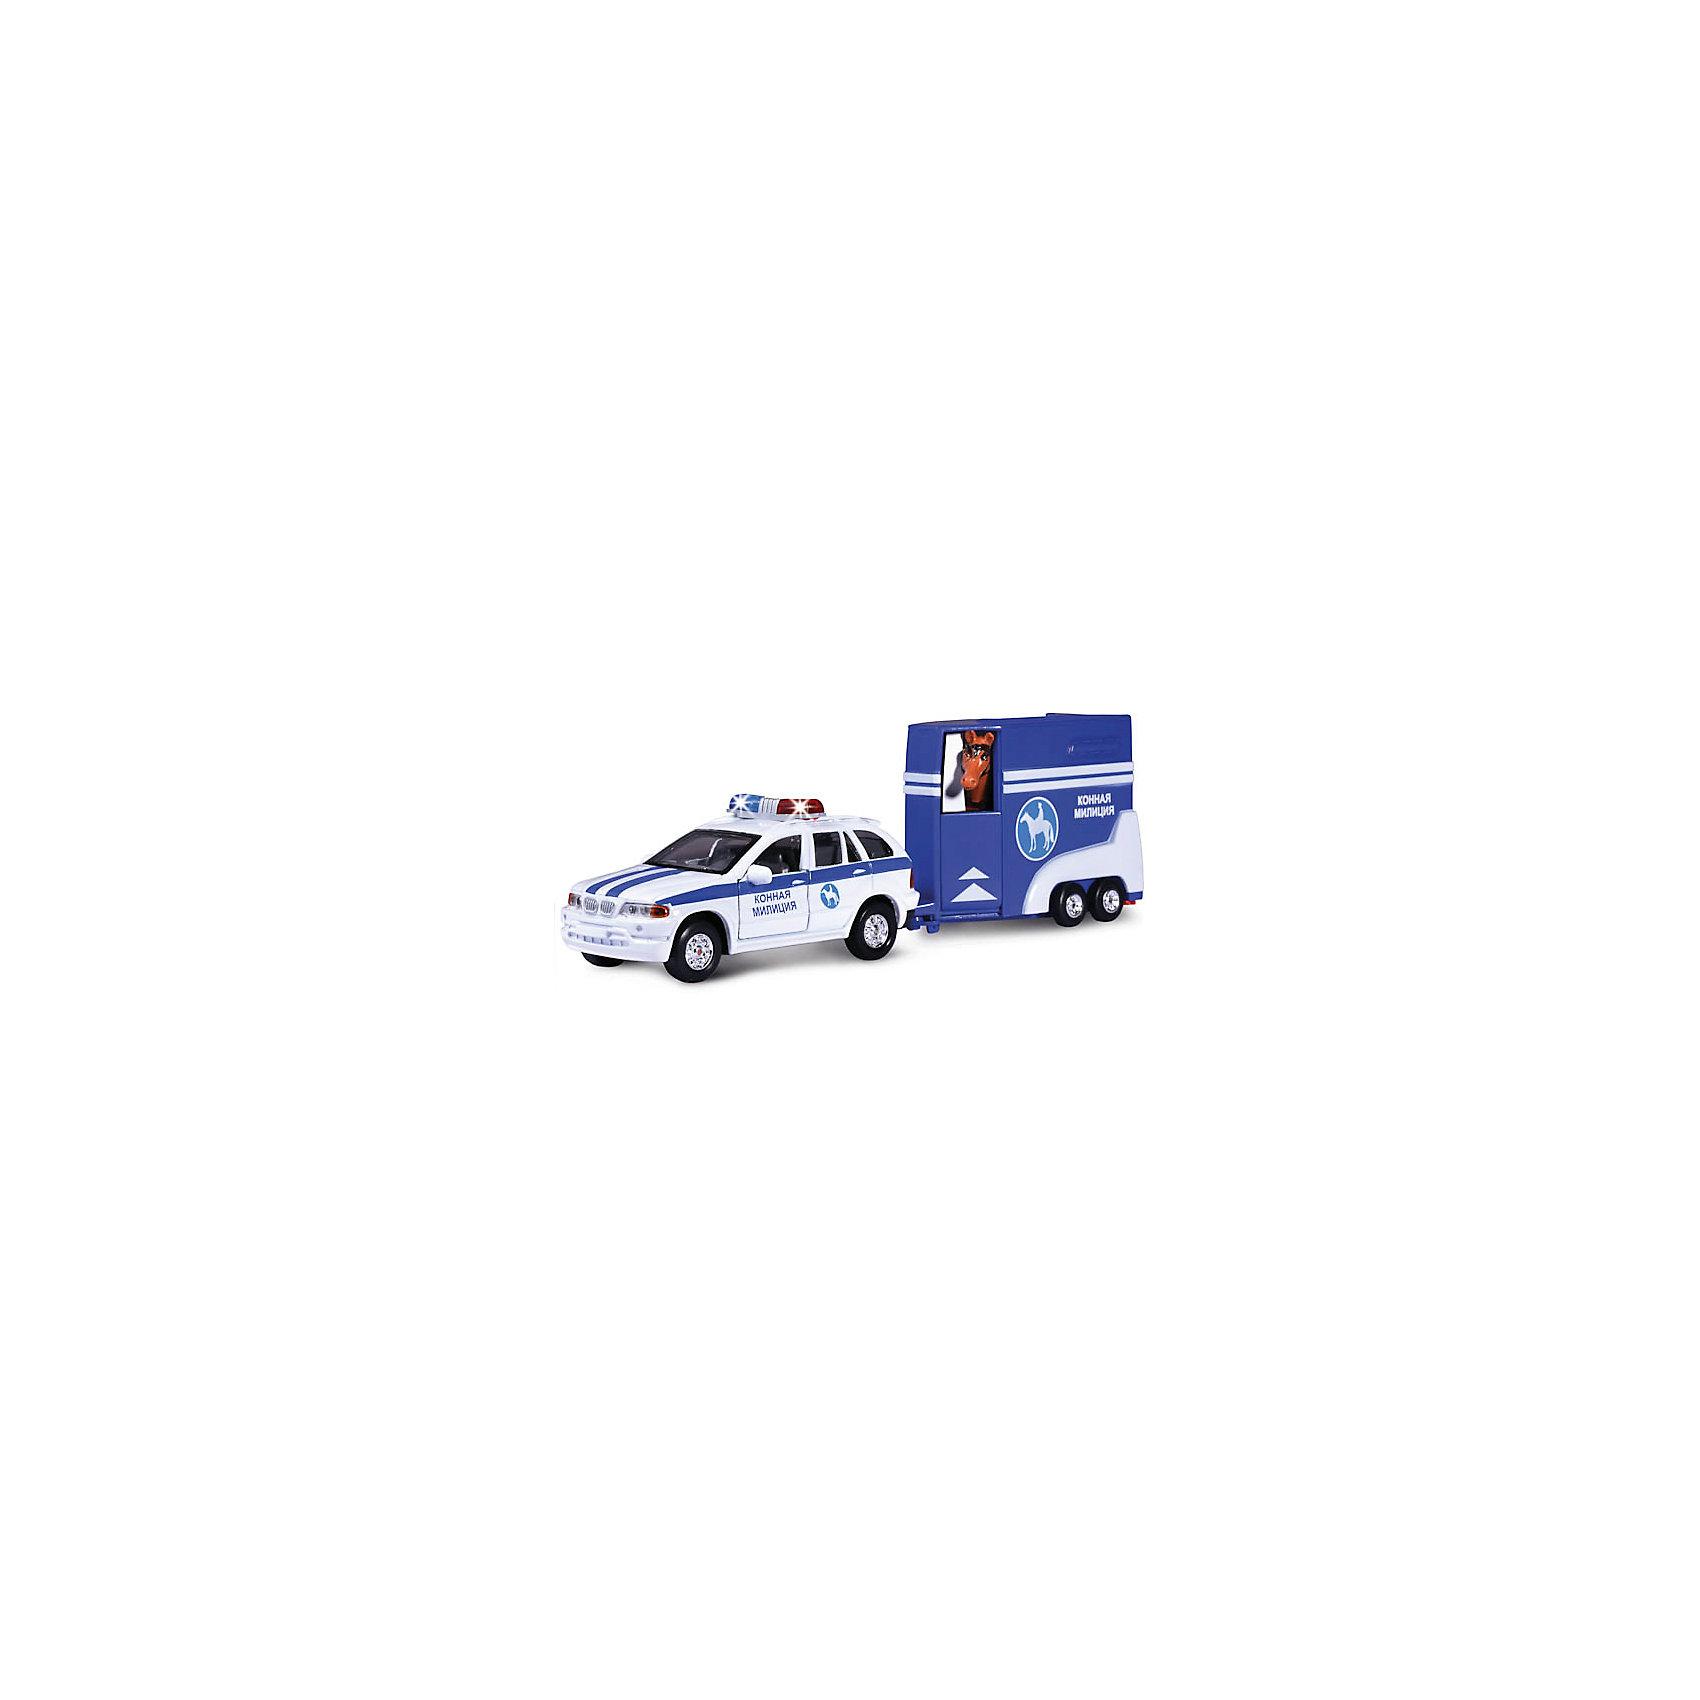 Набор Фургон с лошадкой, металл., свет+звук, открыв. Двери, ТЕХНОПАРКНабор Фургон с лошадкой, металл., свет+звук, открыв. Двери, ТЕХНОПАРК.<br><br>Характеристика:<br><br>• Материал: металл, пластик, резина.  <br>• Размер упаковки: 31 х 16 х 7 см.<br>• Комплектация: фургон с лошадью, автомобиль. <br>• Двери открываются.<br>• Колеса подвижные. <br>• Звуковые и световые эффекты. <br>• Элемент питания: батарейки AG13 (входят в комплект).<br><br>Набор Фургон с лошадкой займет достойное место в коллекции автомобилей. В набор входит фургон с лошадью и автомобиль конной полиции. Все детали набора выполнены из высококачественного пластика, отлично детализированы и реалистично раскрашены. <br><br>Набор Фургон с лошадкой, металл., свет+звук, открыв. Двери, ТЕХНОПАРК, можно купить в нашем интернет-магазине.<br><br>Ширина мм: 310<br>Глубина мм: 160<br>Высота мм: 70<br>Вес г: 460<br>Возраст от месяцев: 36<br>Возраст до месяцев: 120<br>Пол: Мужской<br>Возраст: Детский<br>SKU: 4763386